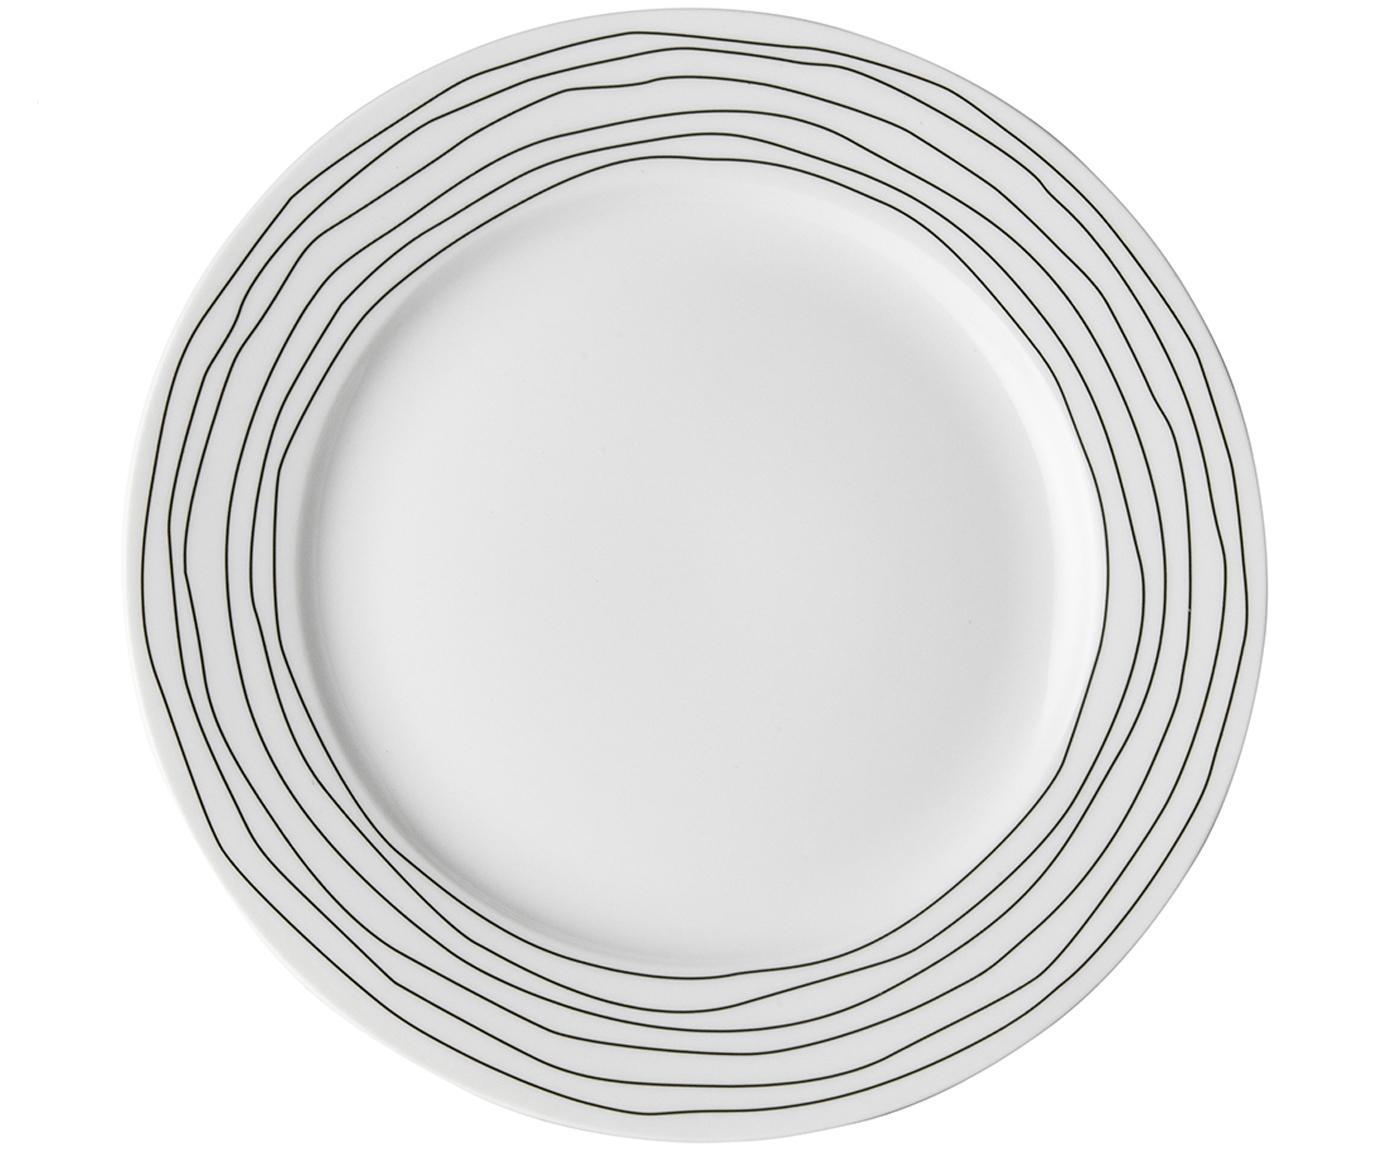 Frühstücksteller Eris Loft, 4 Stück, Porzellan, Weiß, Schwarz, Ø 21 x H 2 cm